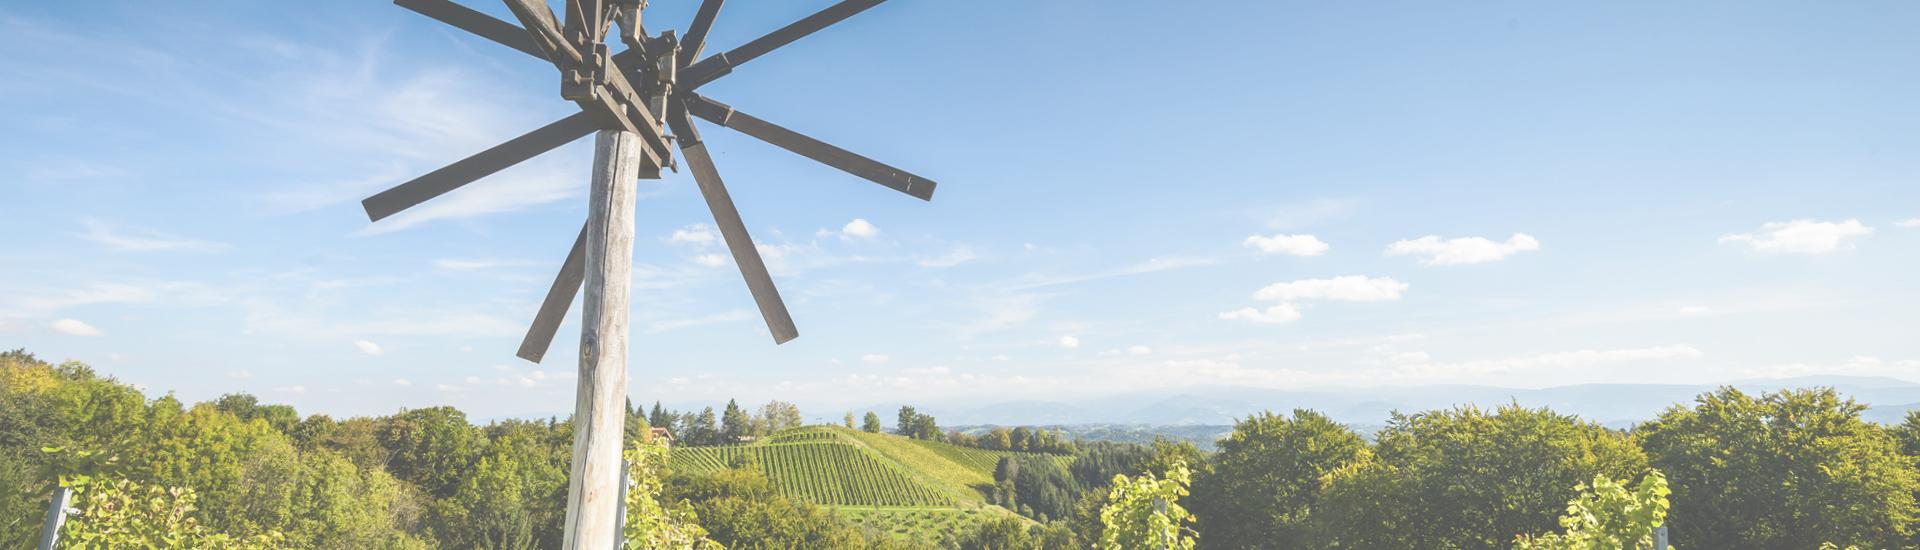 Weine - Genuss aus der Steiermark mit besten Lagenweinen 12/2020 - Slider